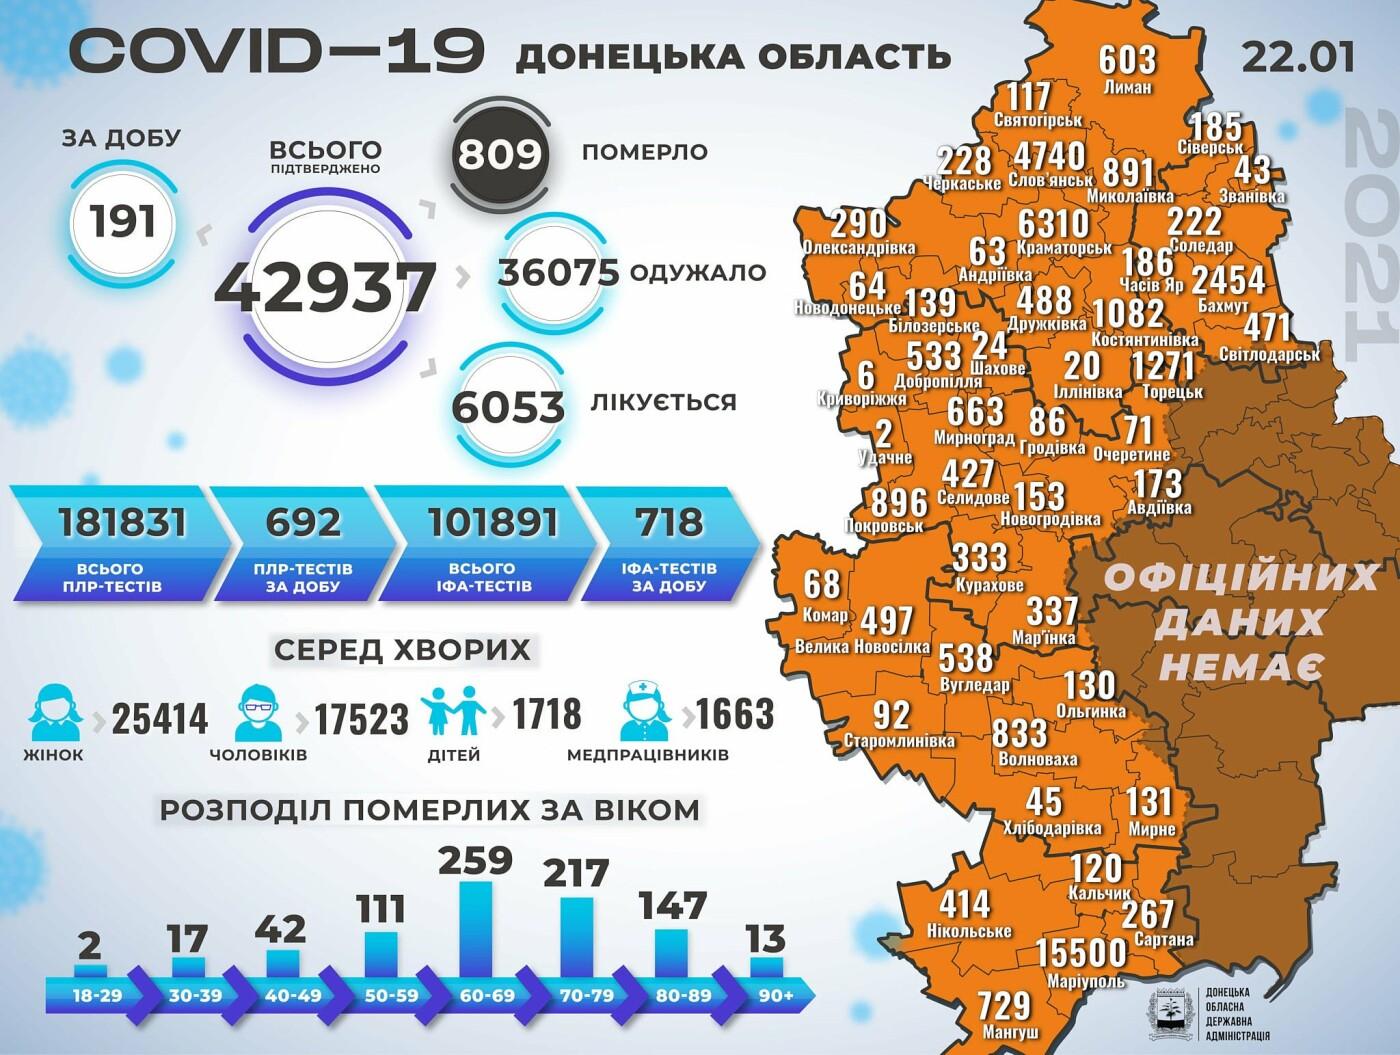 В Донецкой области 191 новый случай коронавируса, болезнь унесла жизни еще 11 человек, фото-1